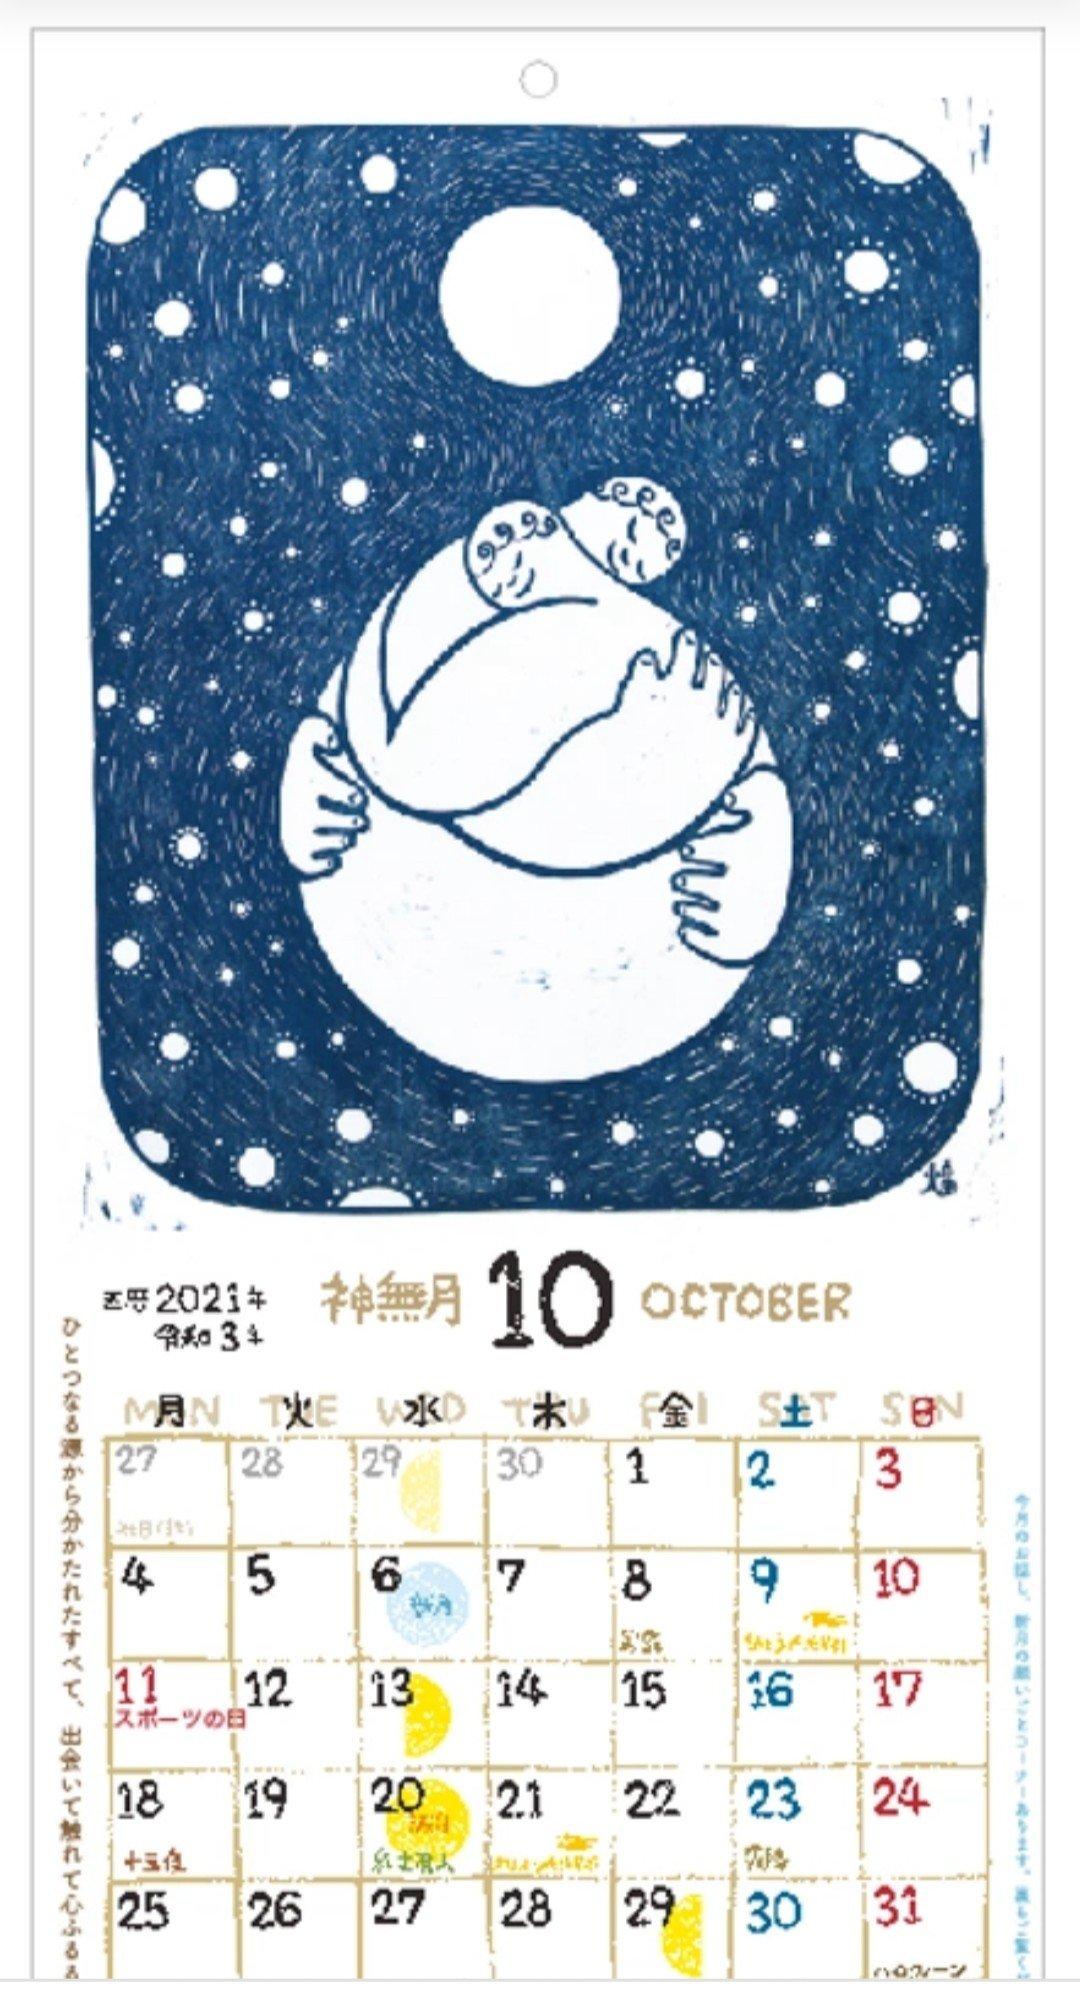 いろおとひかり・カレンダー2021年/限定予約販売のイメージその3